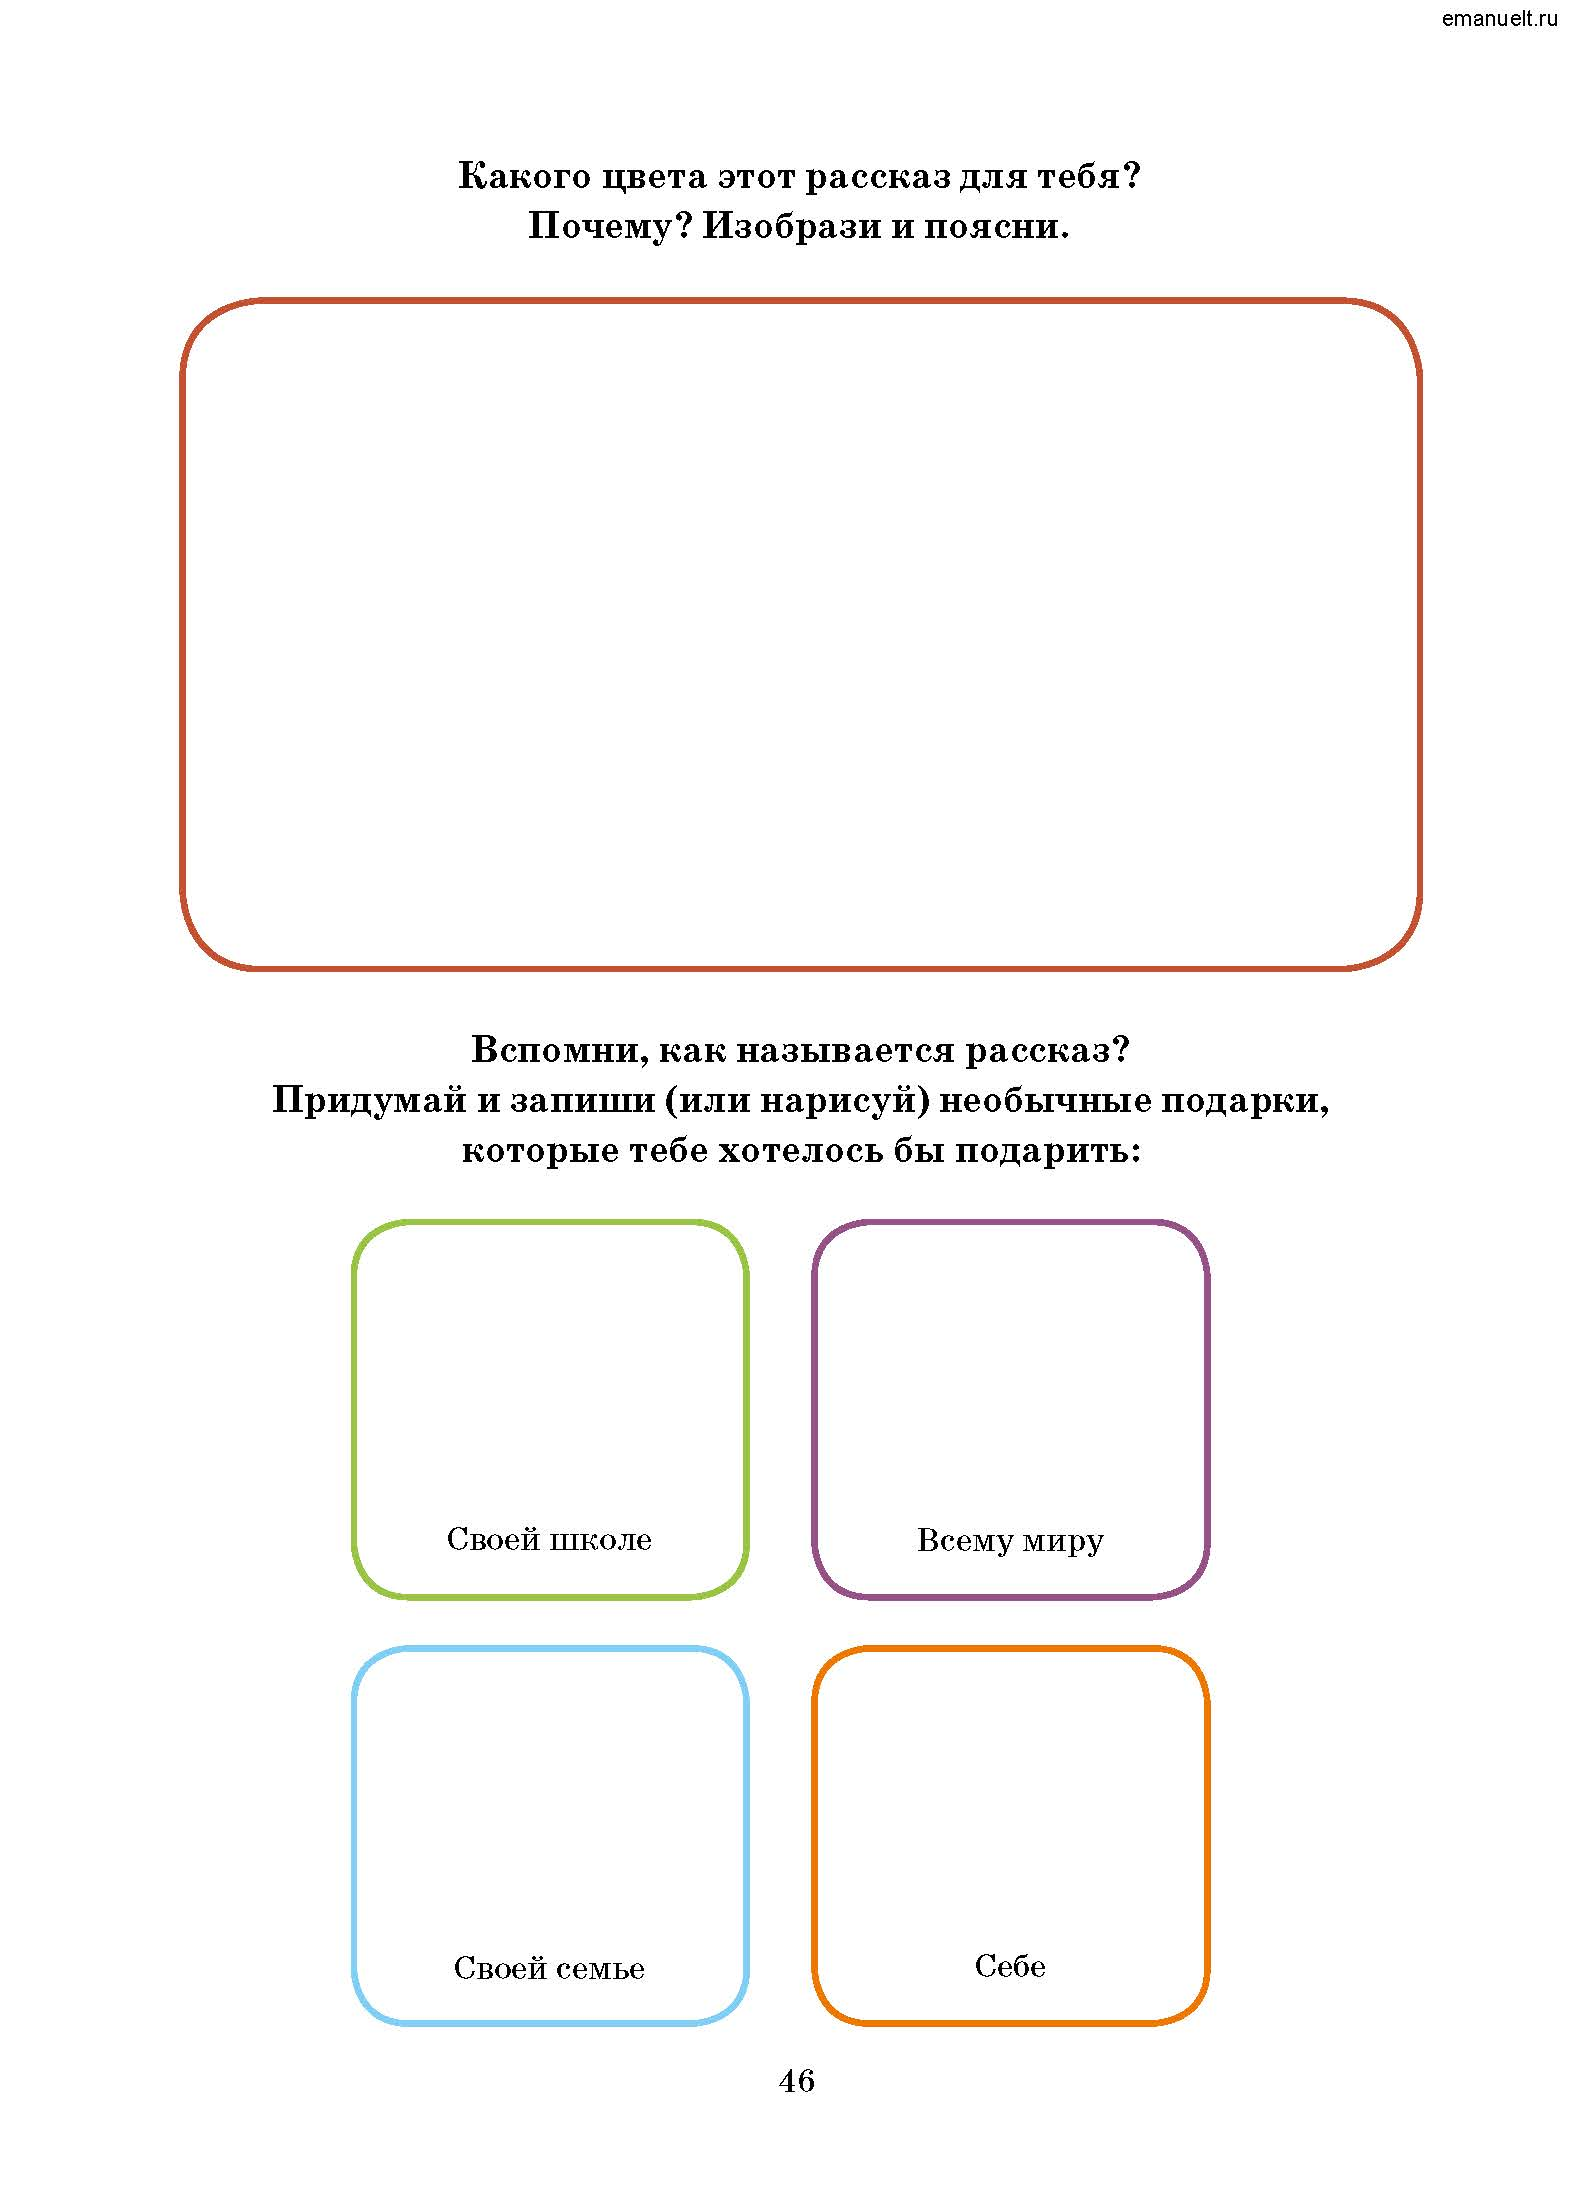 Рассказки в заданиях. emanuelt.ru_Страница_047